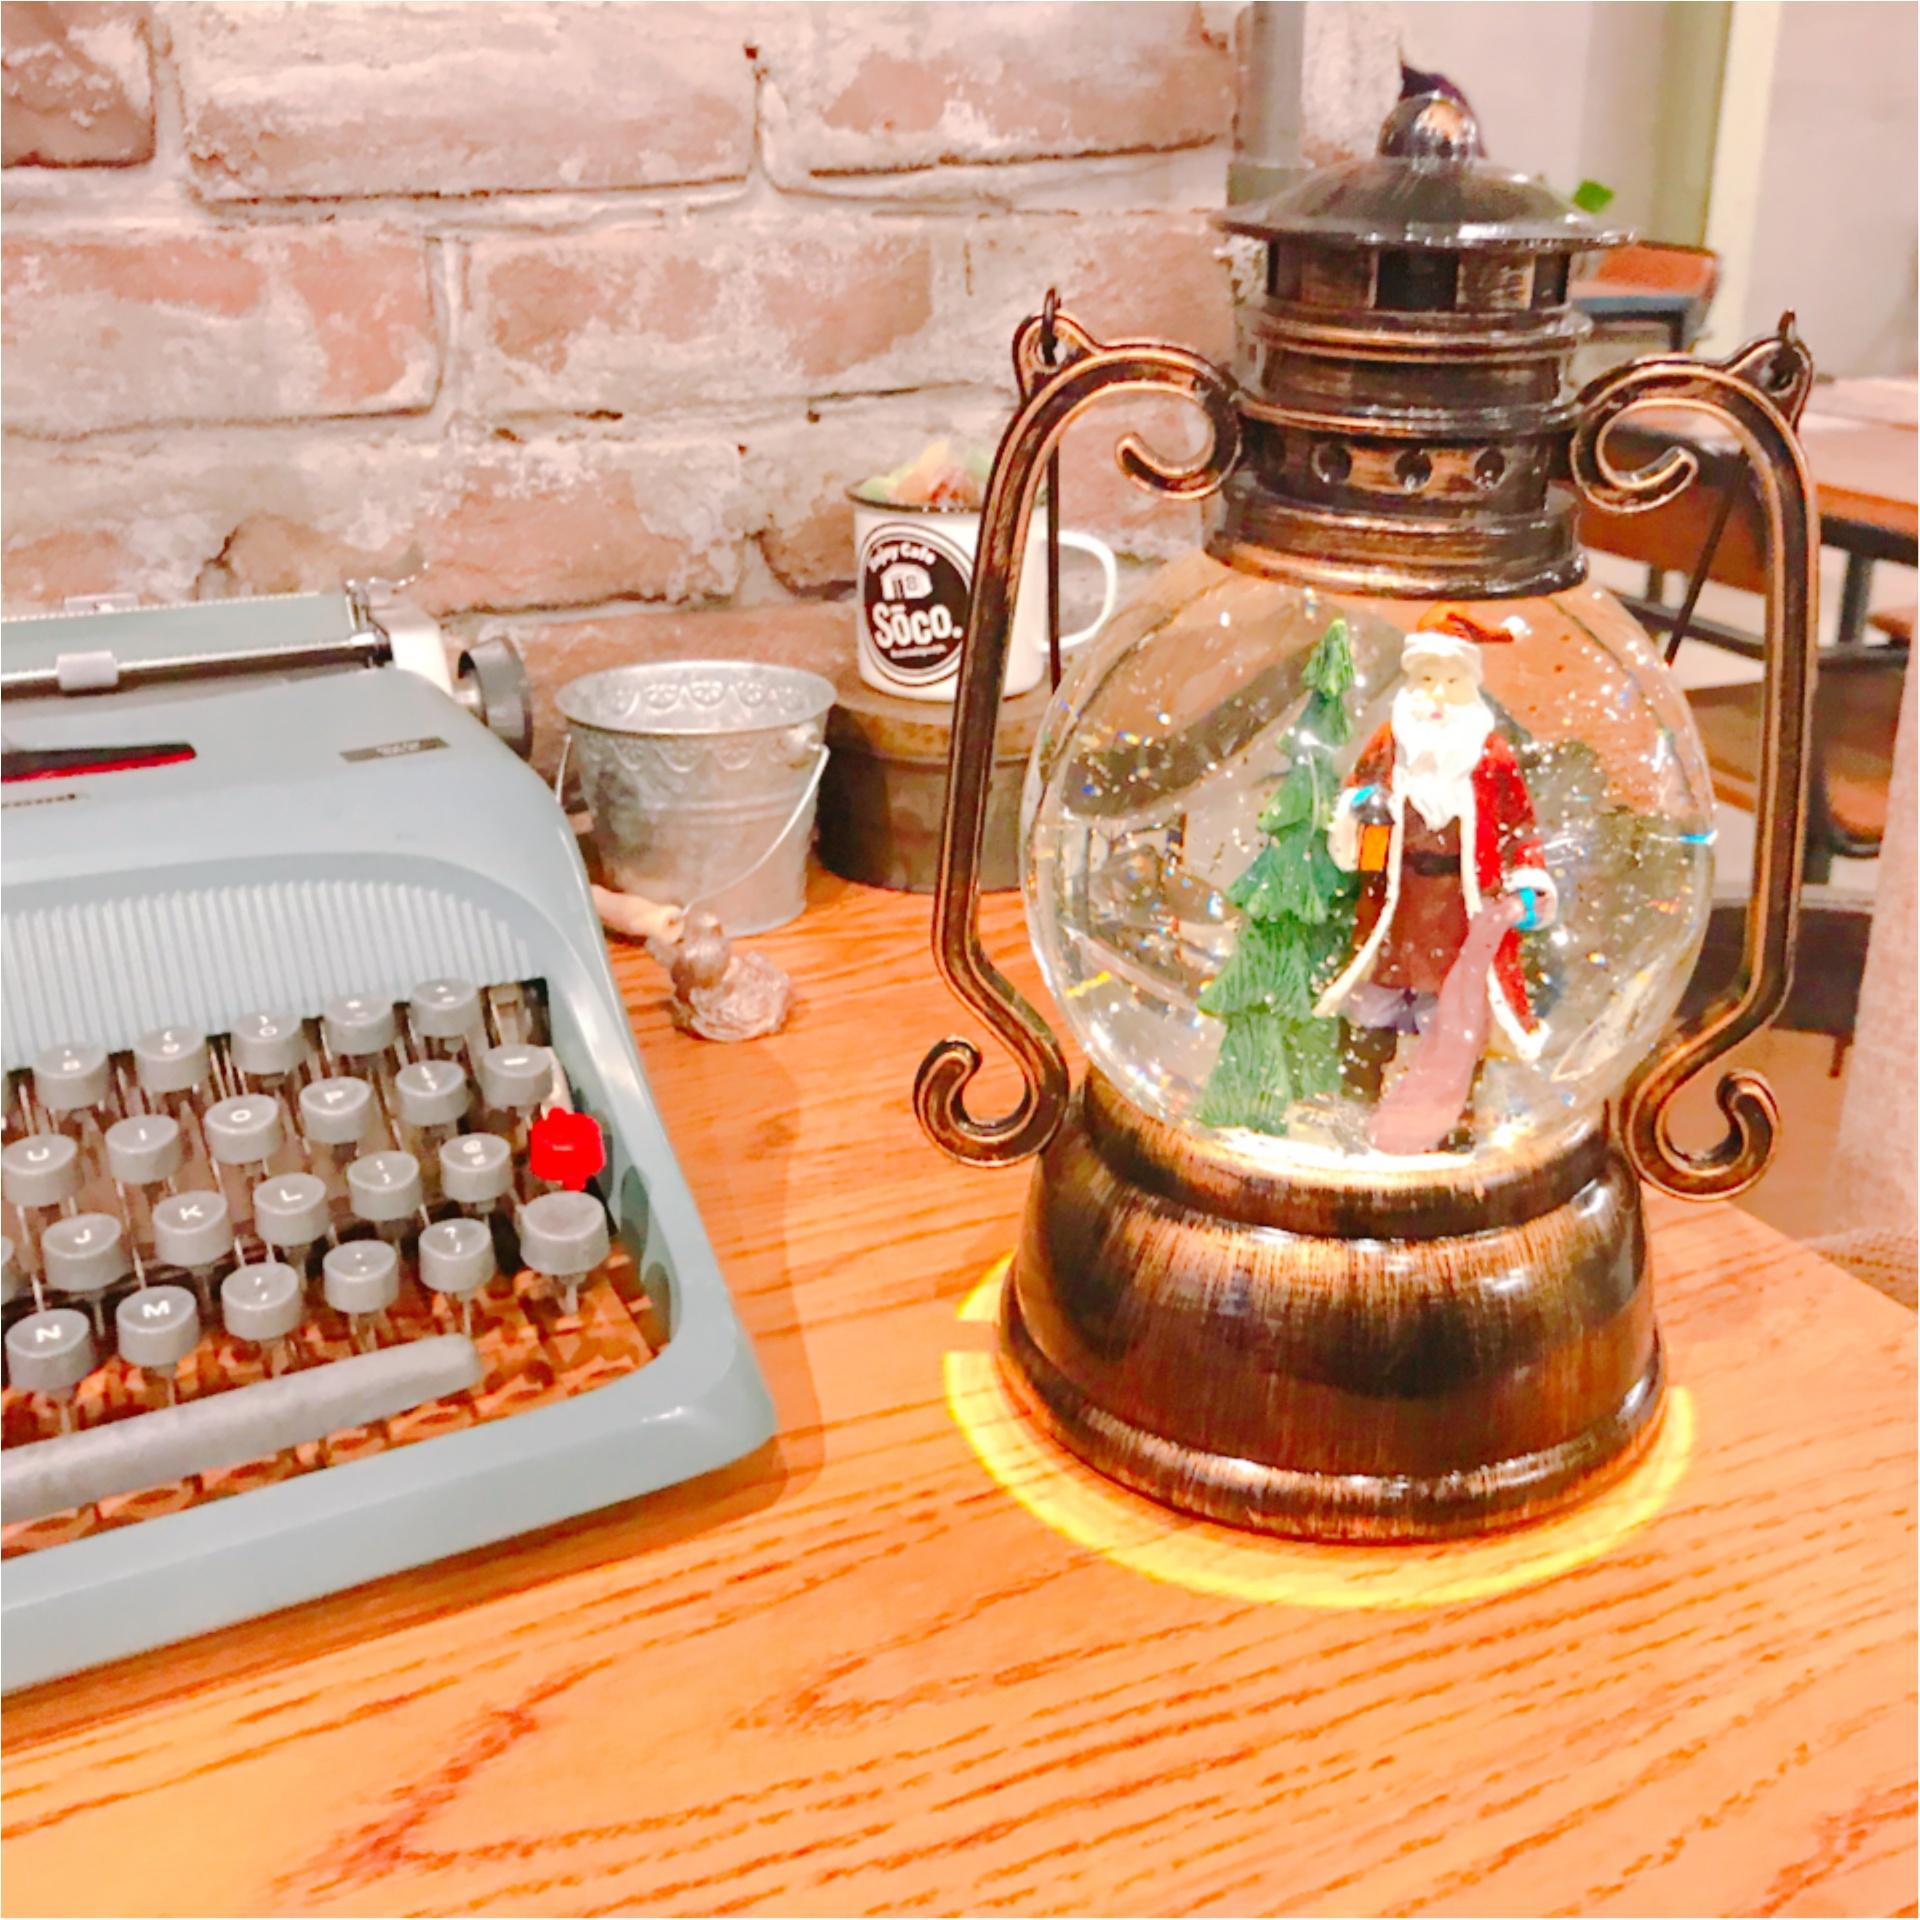 ★これこそリノベーションカフェ!浜松の『SOCO』はこだわりがたくさんありました★_3